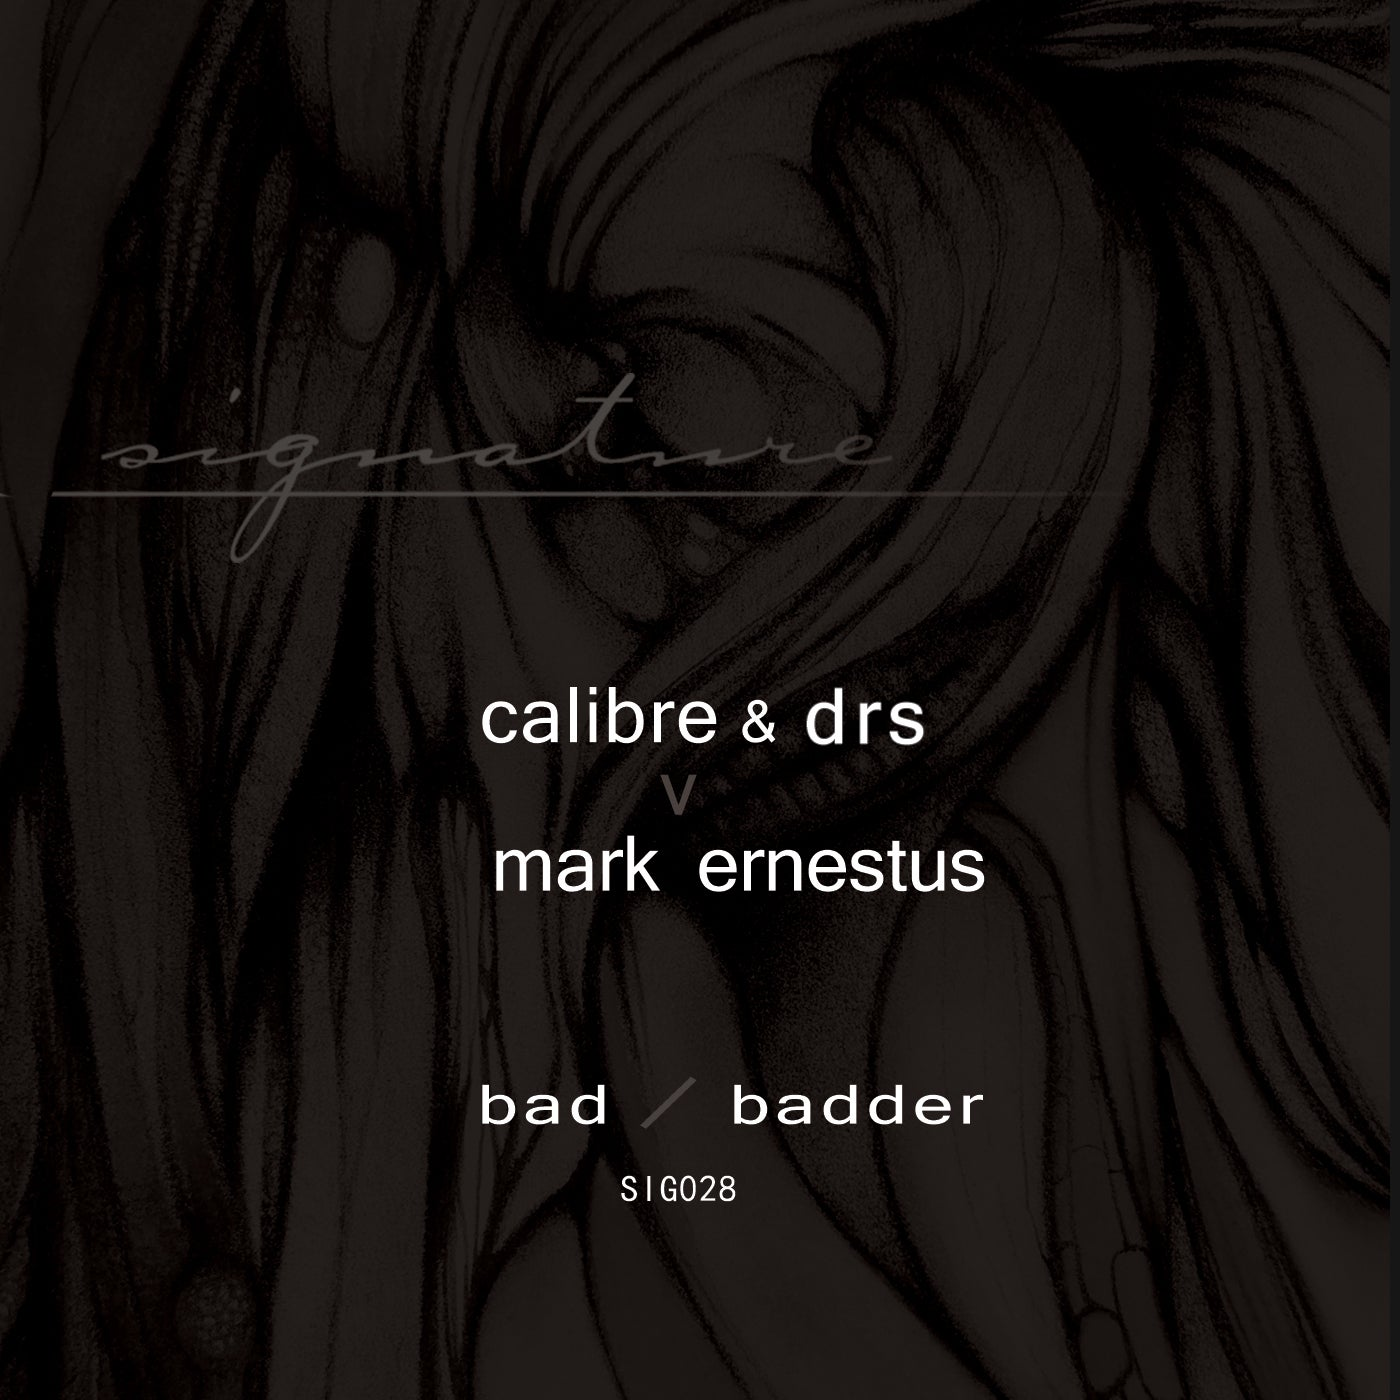 Bad (Original Mix)